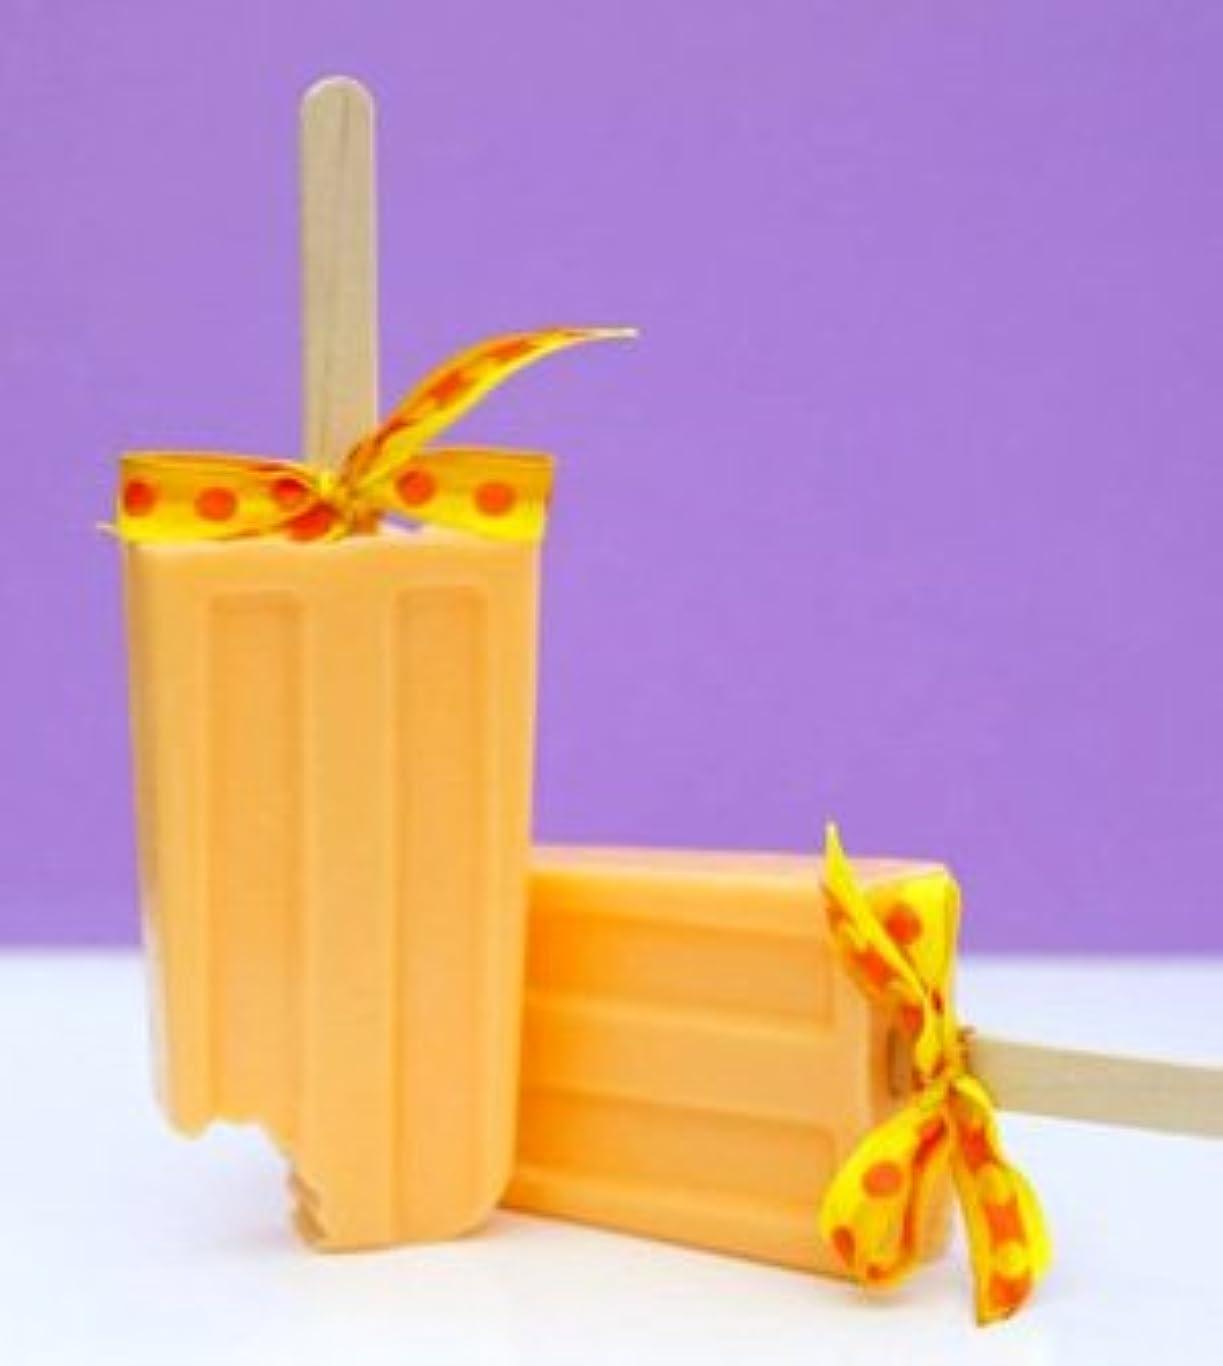 勇気のある良性刻むsoapy love(ソーピーラブ) Orange オレンジ セッケン ソープ ギフト プレゼント 石鹸 H14×W5×D2cm  (orange)